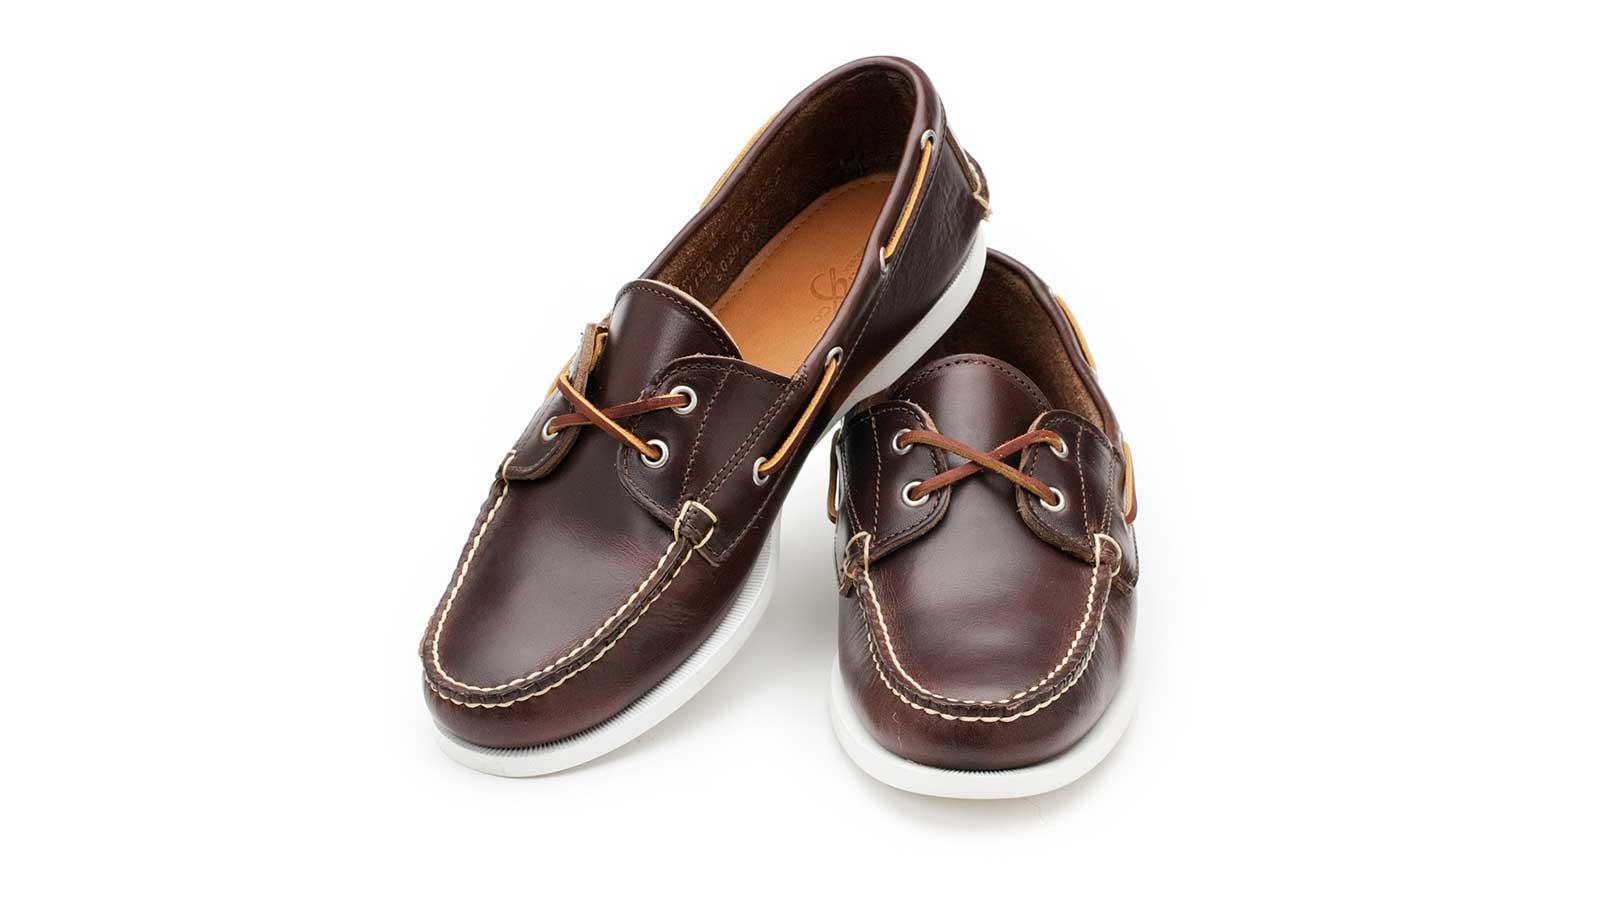 Rancourt & Company Men's Read Boat Shoe | best mens boat shoes